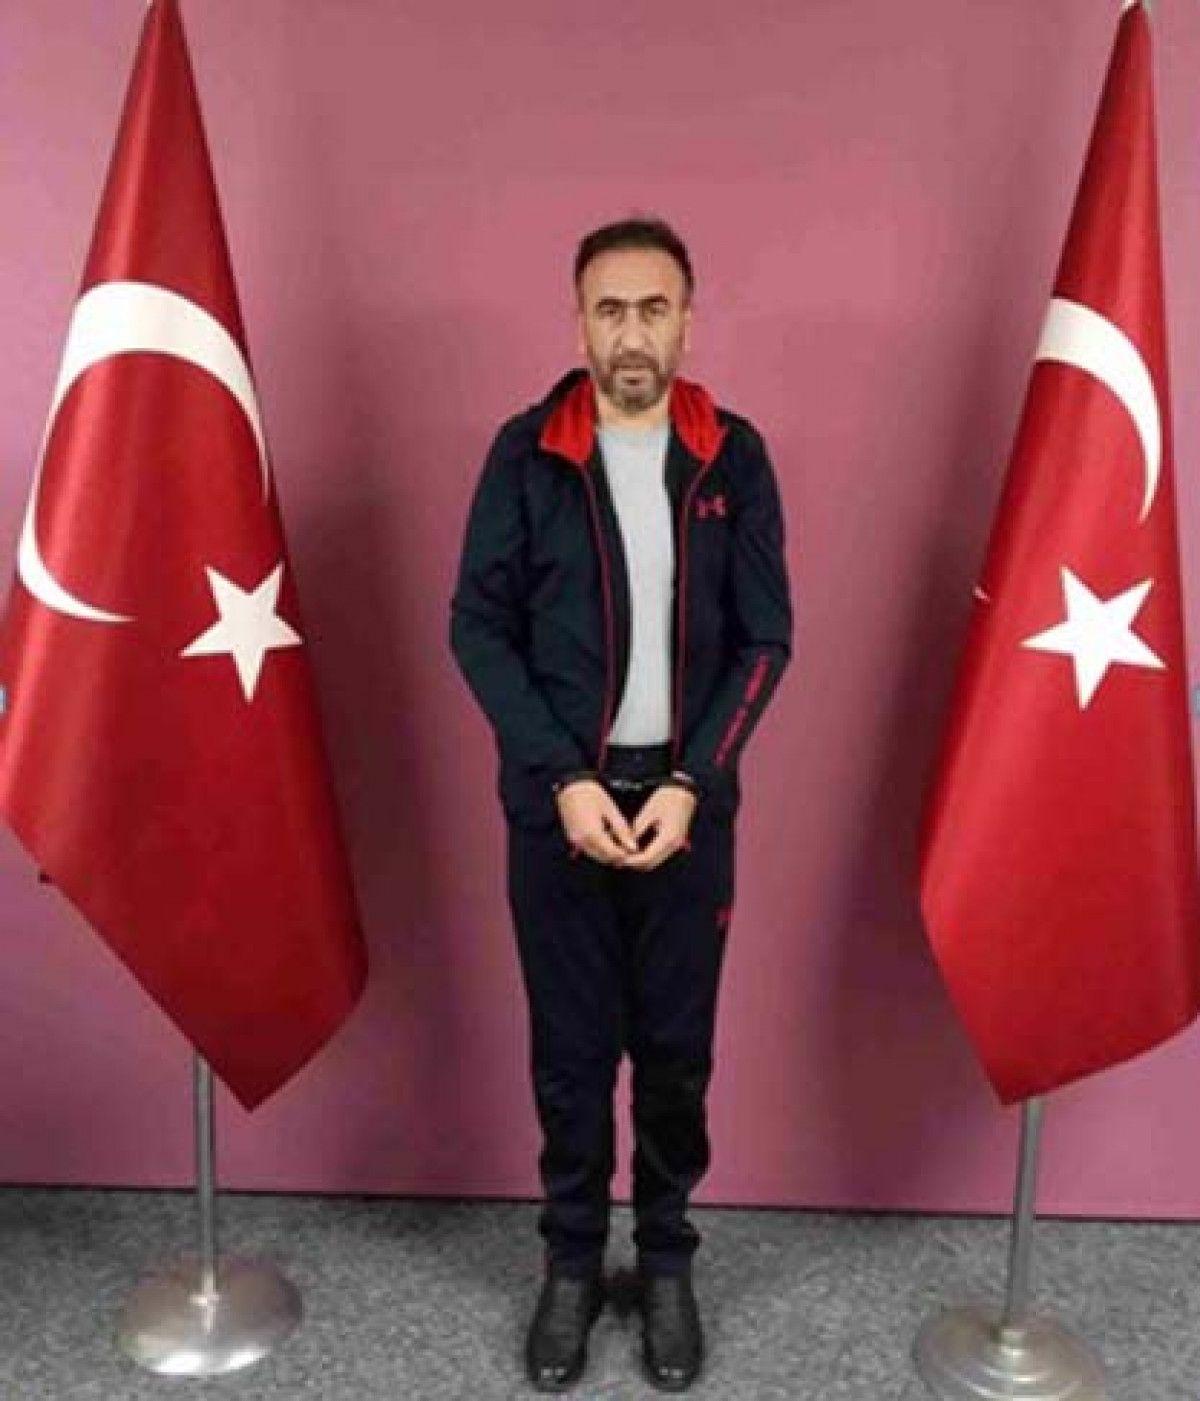 FETÖ adına PKK ya silah sağlama suçuna tahliye verilmesine itiraz edildi #1